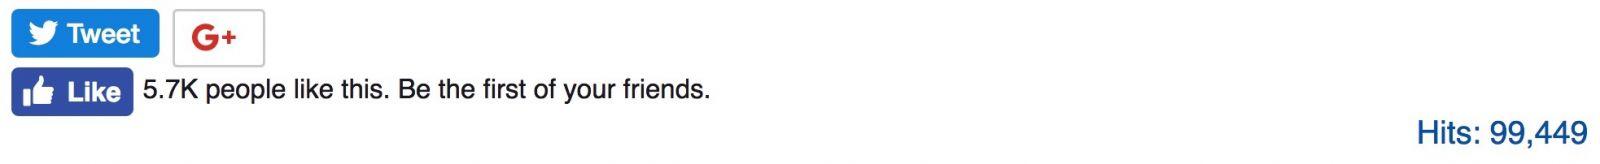 """Дэвид Уилкок. Космическое Раскрытие: """"Потрясающие новые брифинги: Массовые обвинения, целевые аресты и Раскрытие"""" 387_6"""